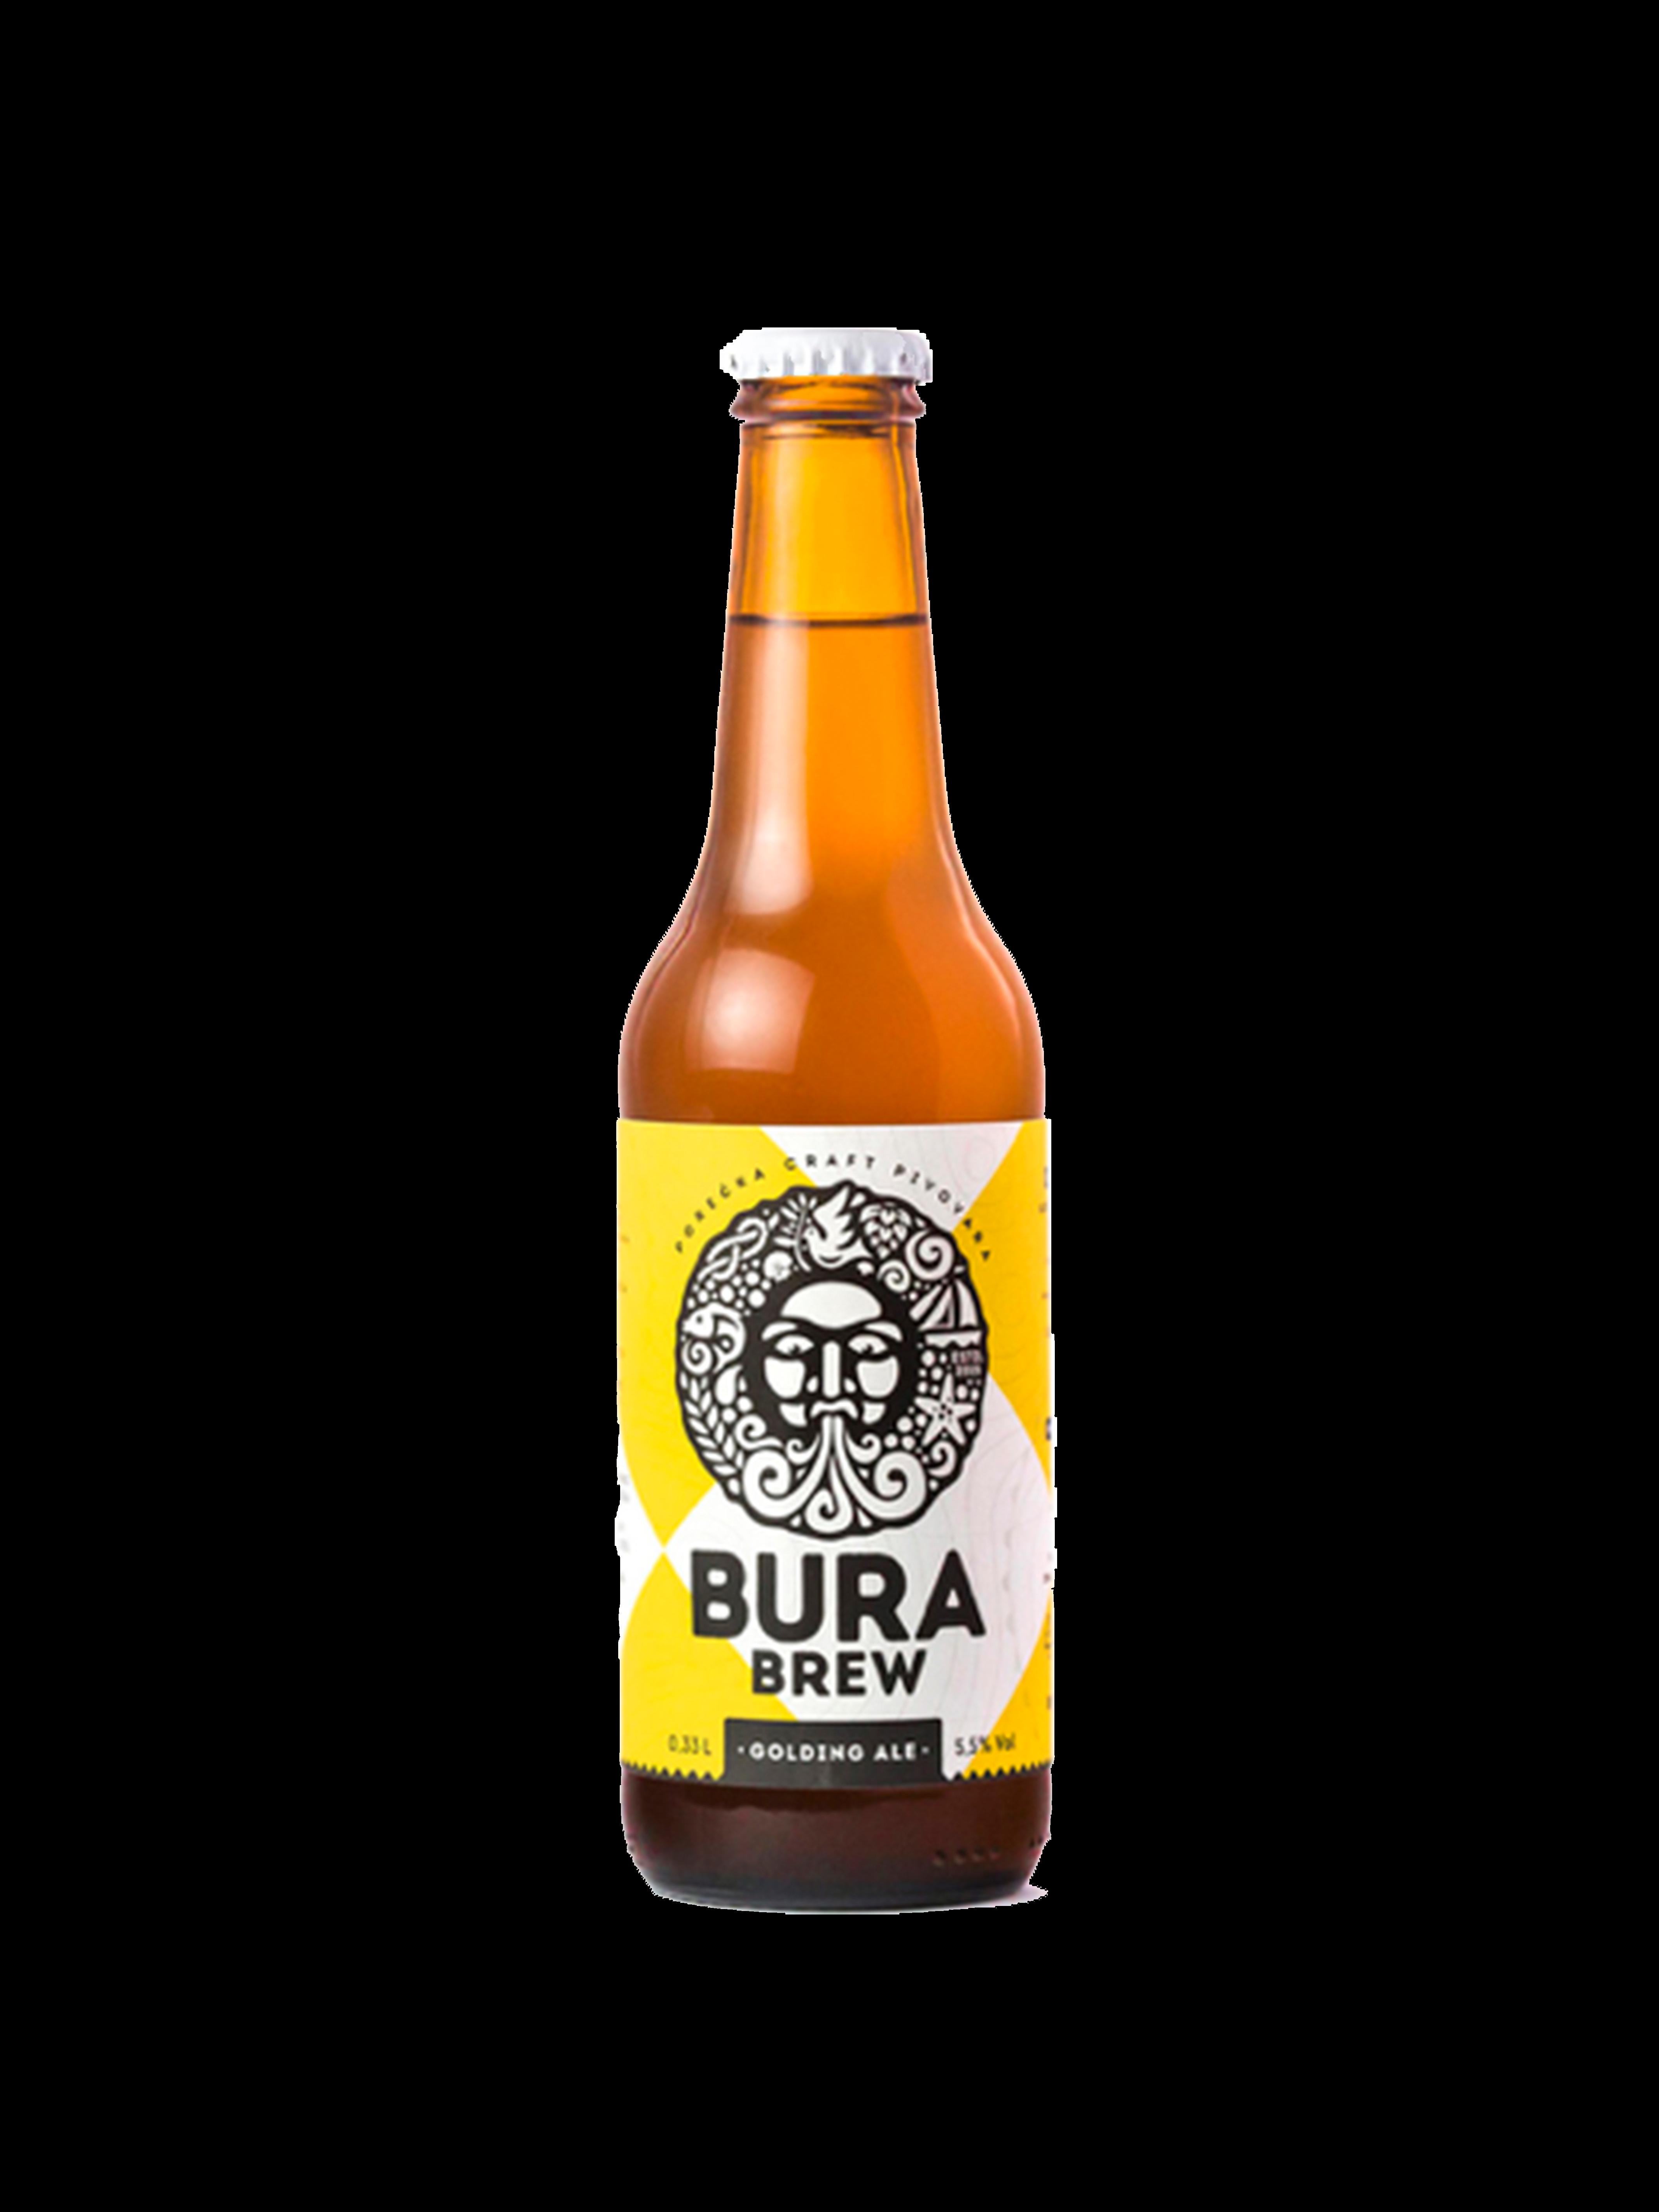 Bottiglia di birra bianca e gialla con scritte nere